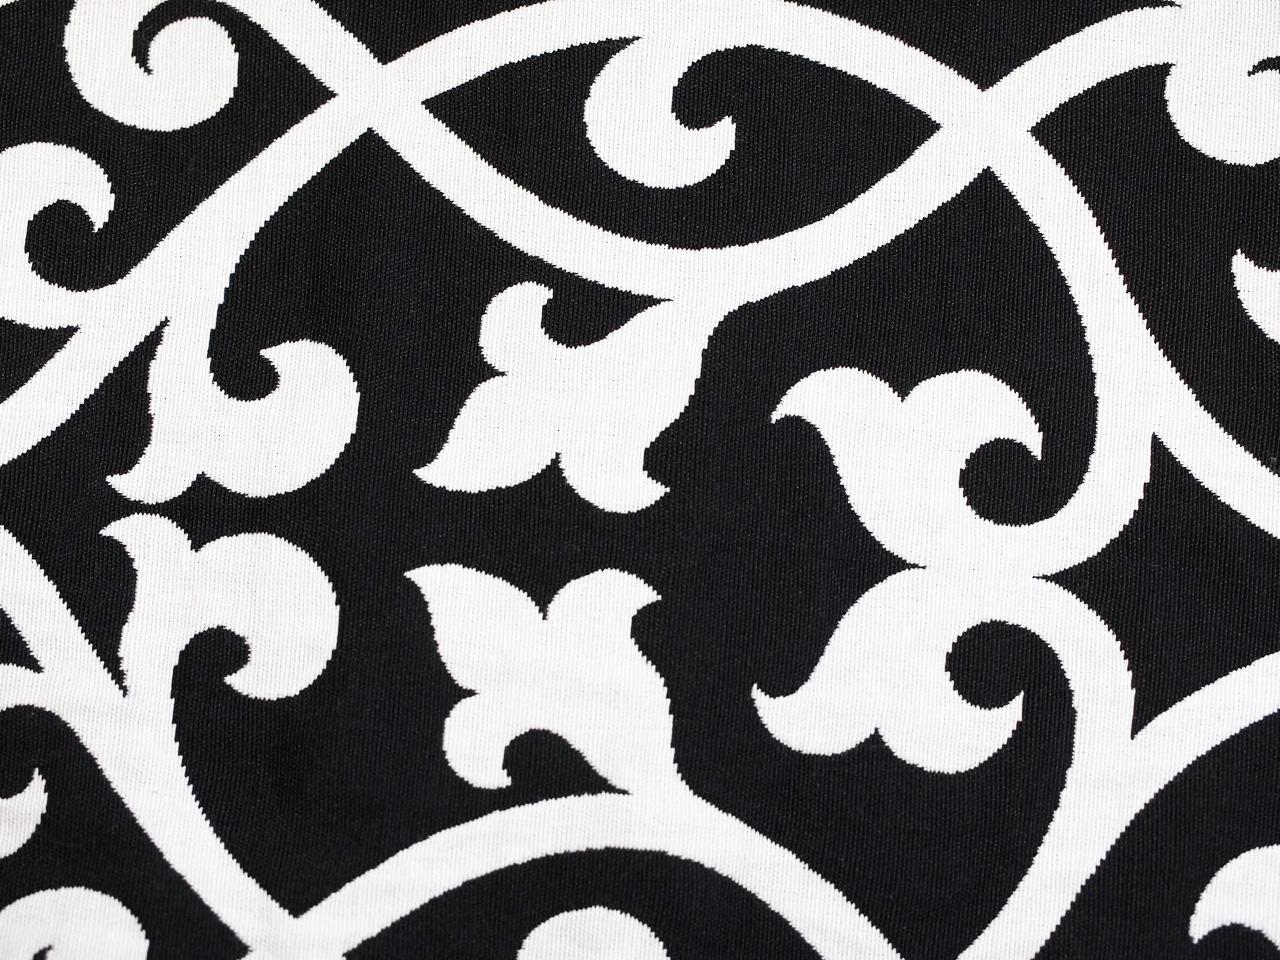 Ornamente, schwarz auf weiß, Stoff Rückseite, Leckerlibeutel, Perlen vor die Hunde